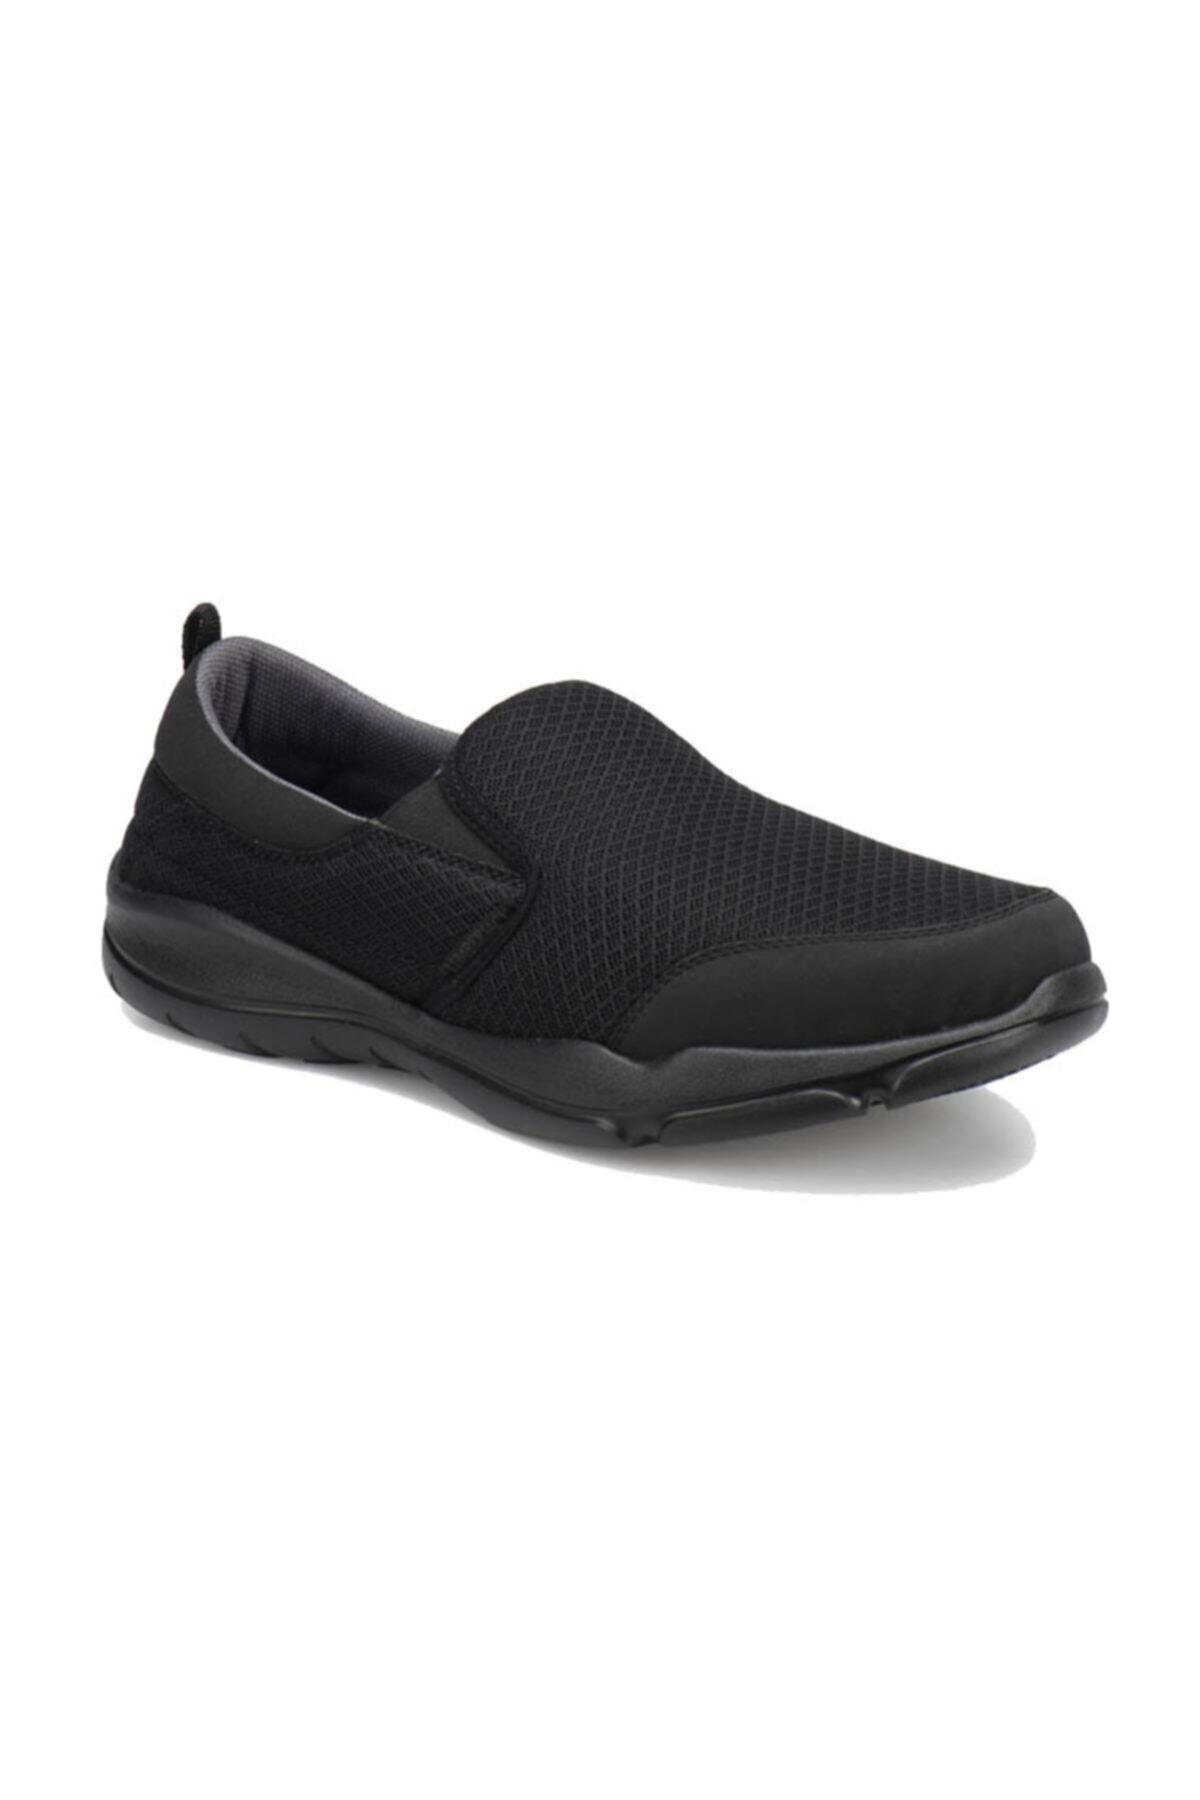 lumberjack 100253807 Liponis Siyah Erkek Spor Ayakkabı 1